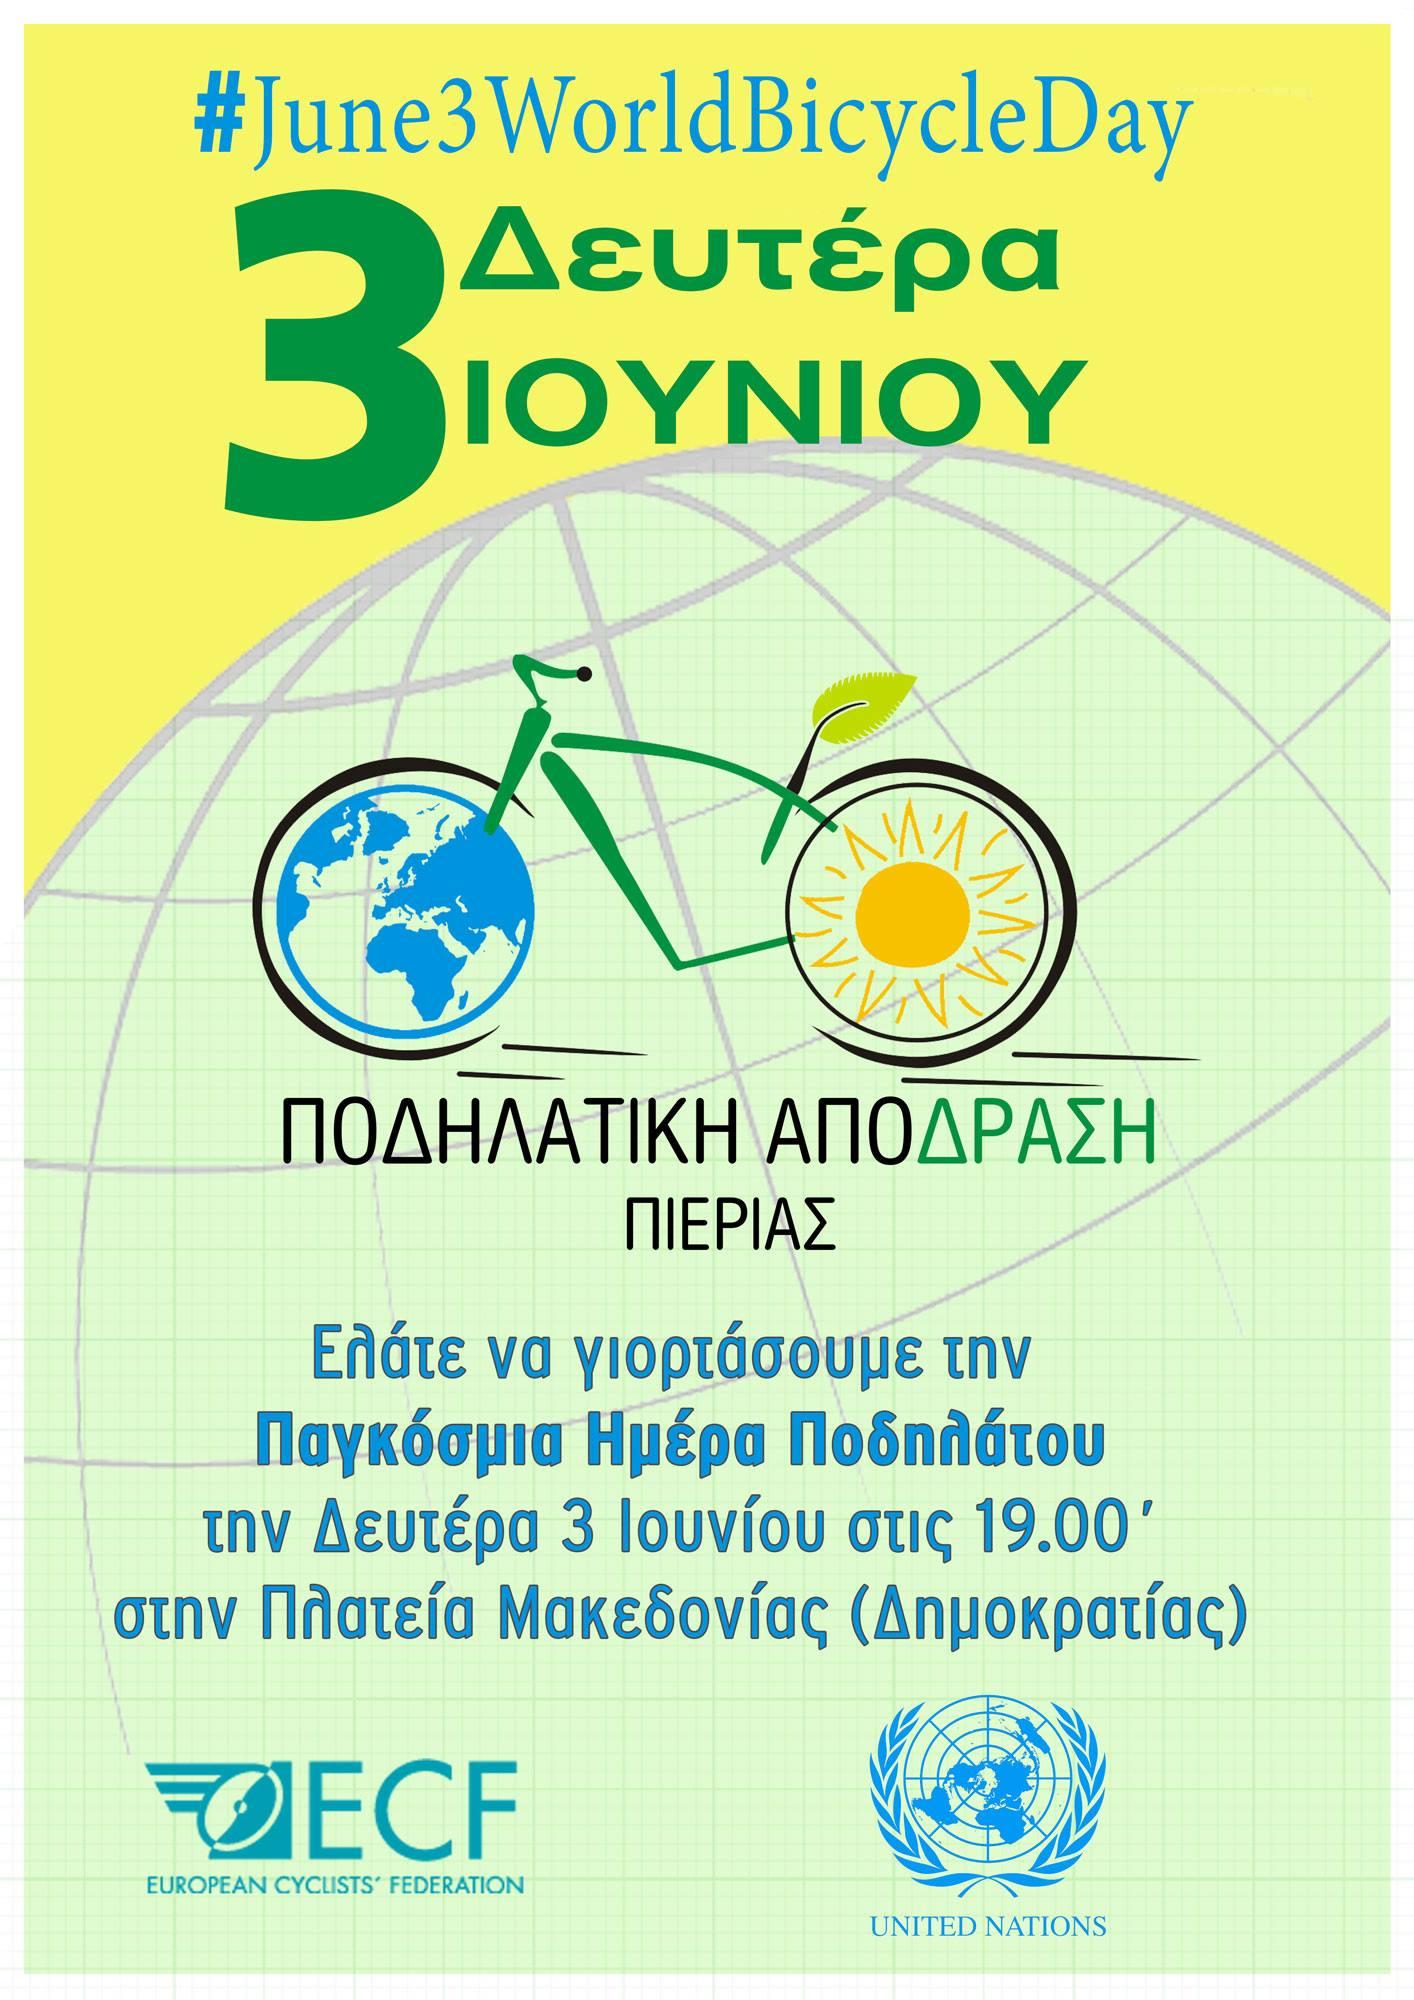 Κάλεσμα στις εκδηλώσεις για την Παγκόσμια Ημέρα Ποδηλάτου